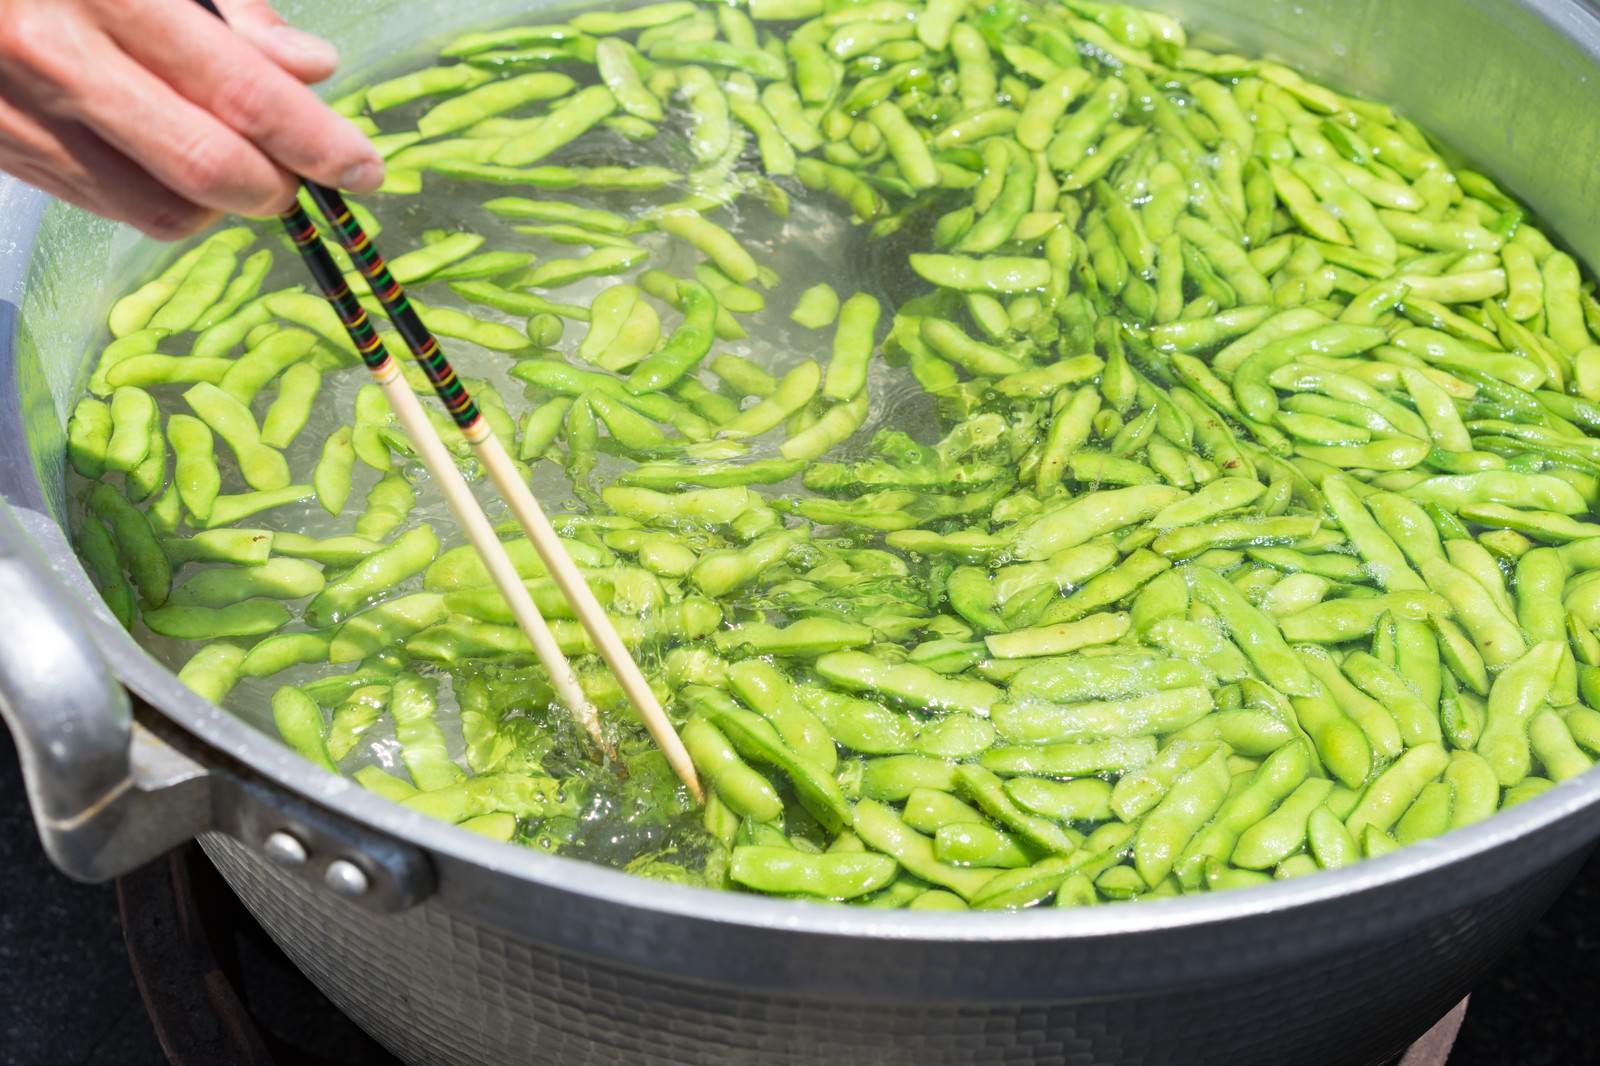 「大鍋で枝豆を茹でる大鍋で枝豆を茹でる」のフリー写真素材を拡大